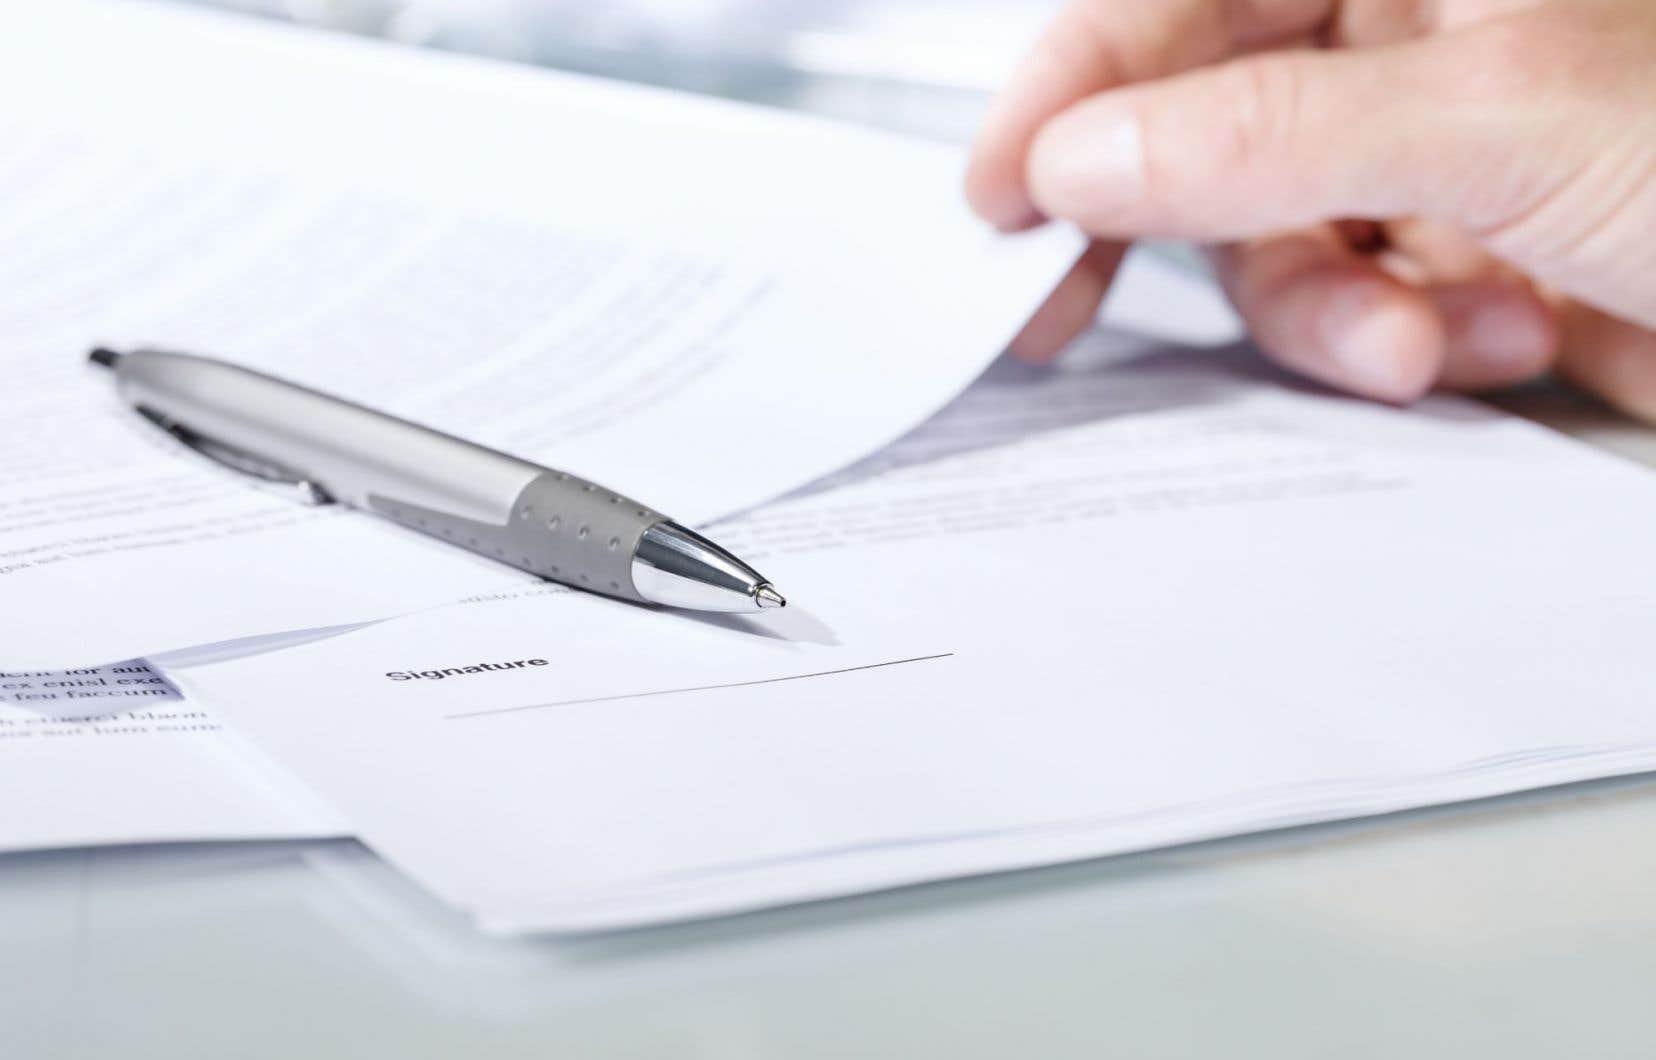 Les deux auteurs jugent « curieuse » l'idée de « faciliter l'octroi de contrats sans appel d'offres ».